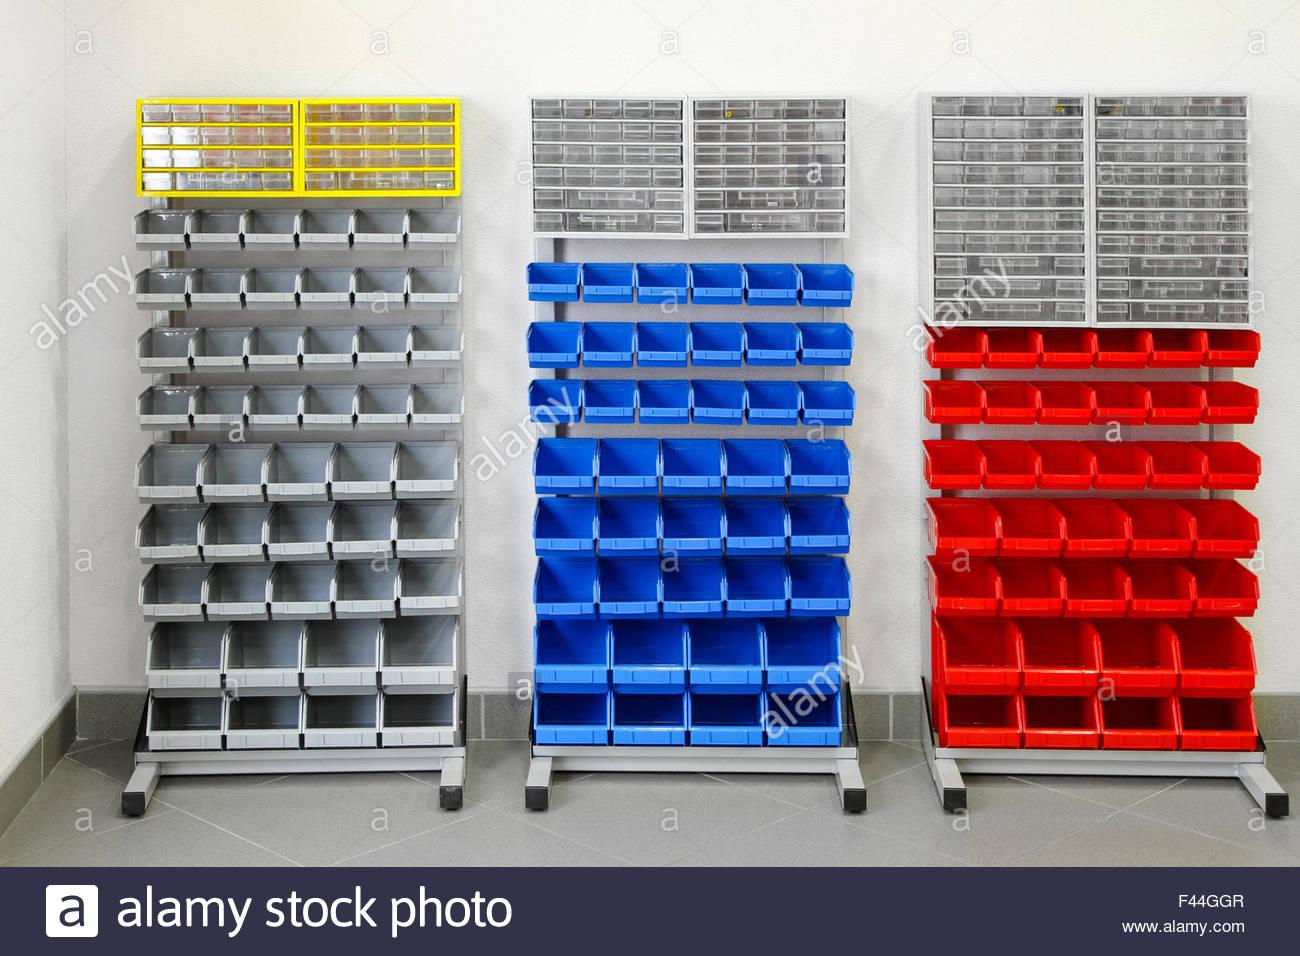 Full Size of Werkstatt Regale Stockfotos Bilder Alamy Regal Hochglanz Weiß Leiter Amazon Holz Raumteiler Auf Rollen 40 Cm Breit Bito Regal Werkstatt Regal